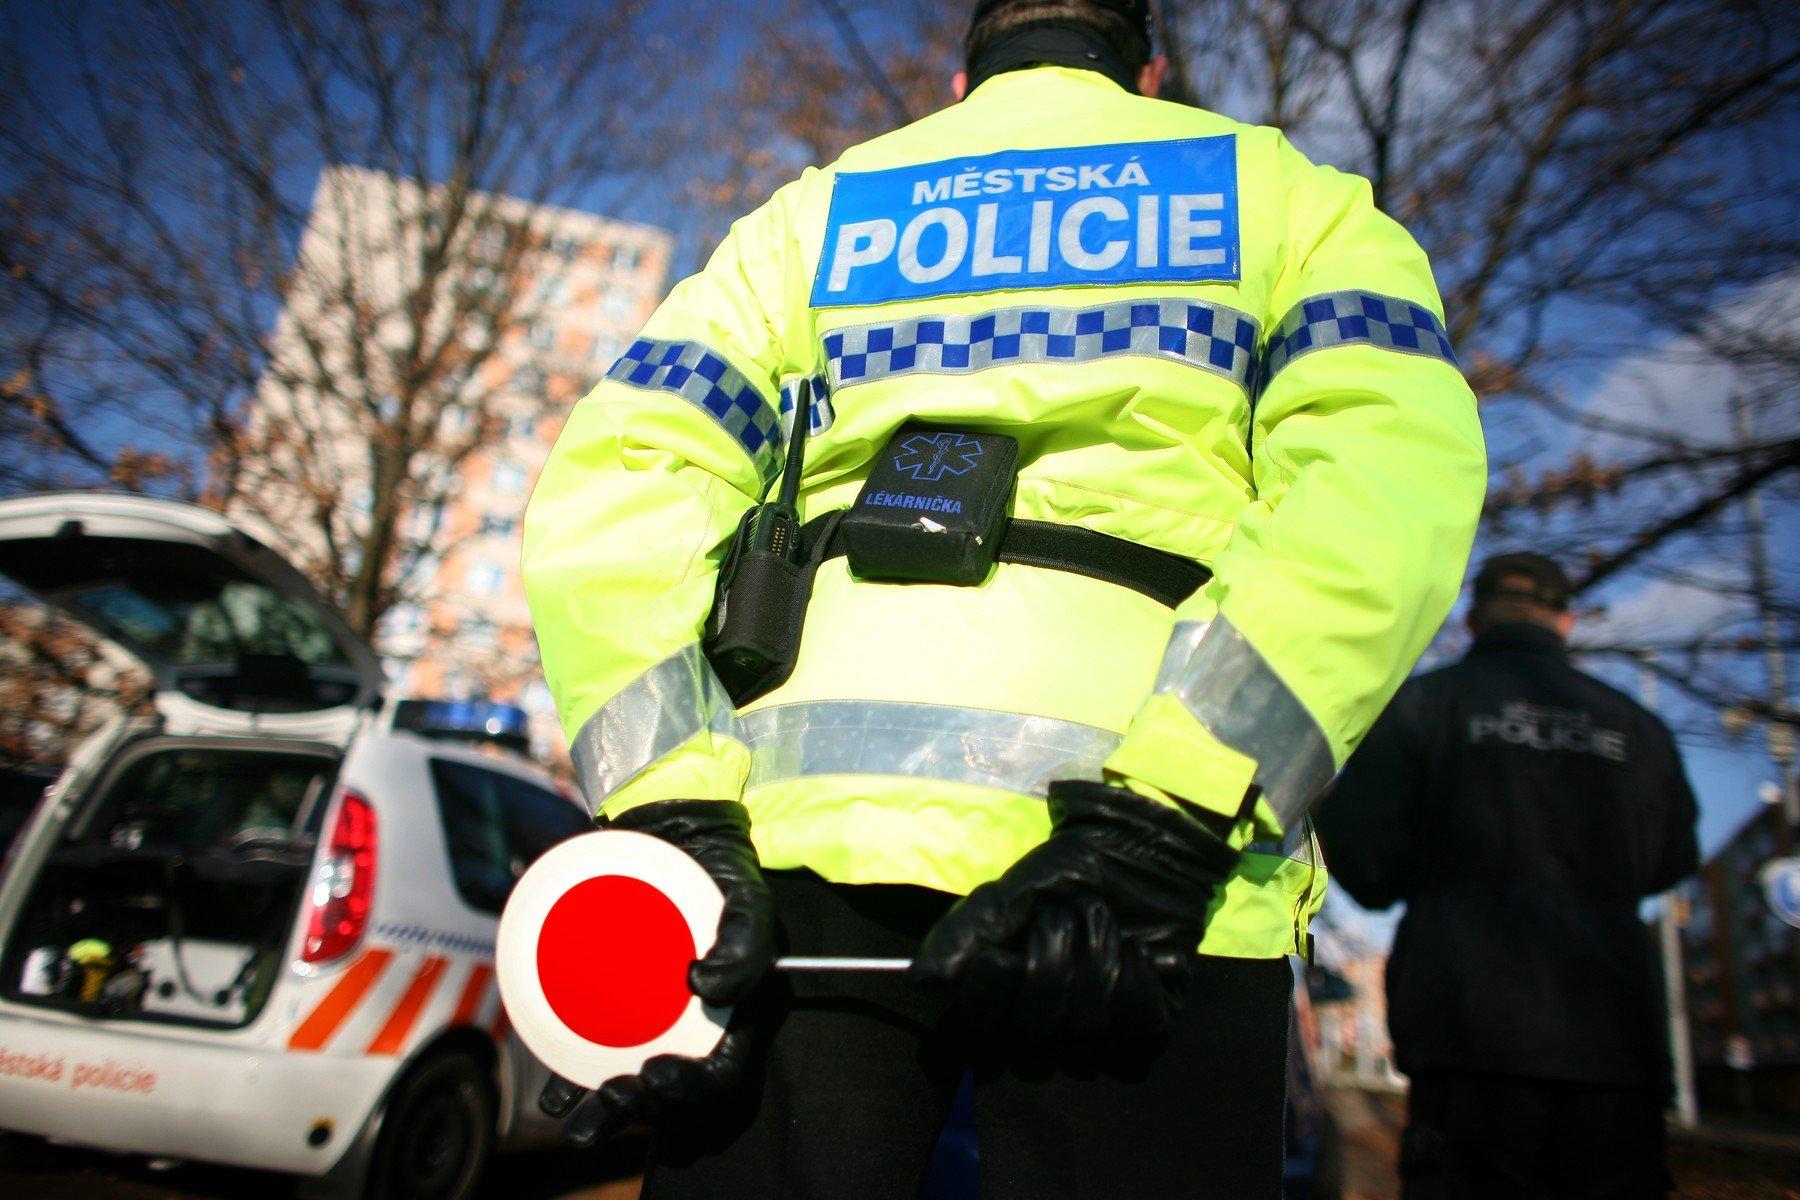 Strážník městské policie při práci